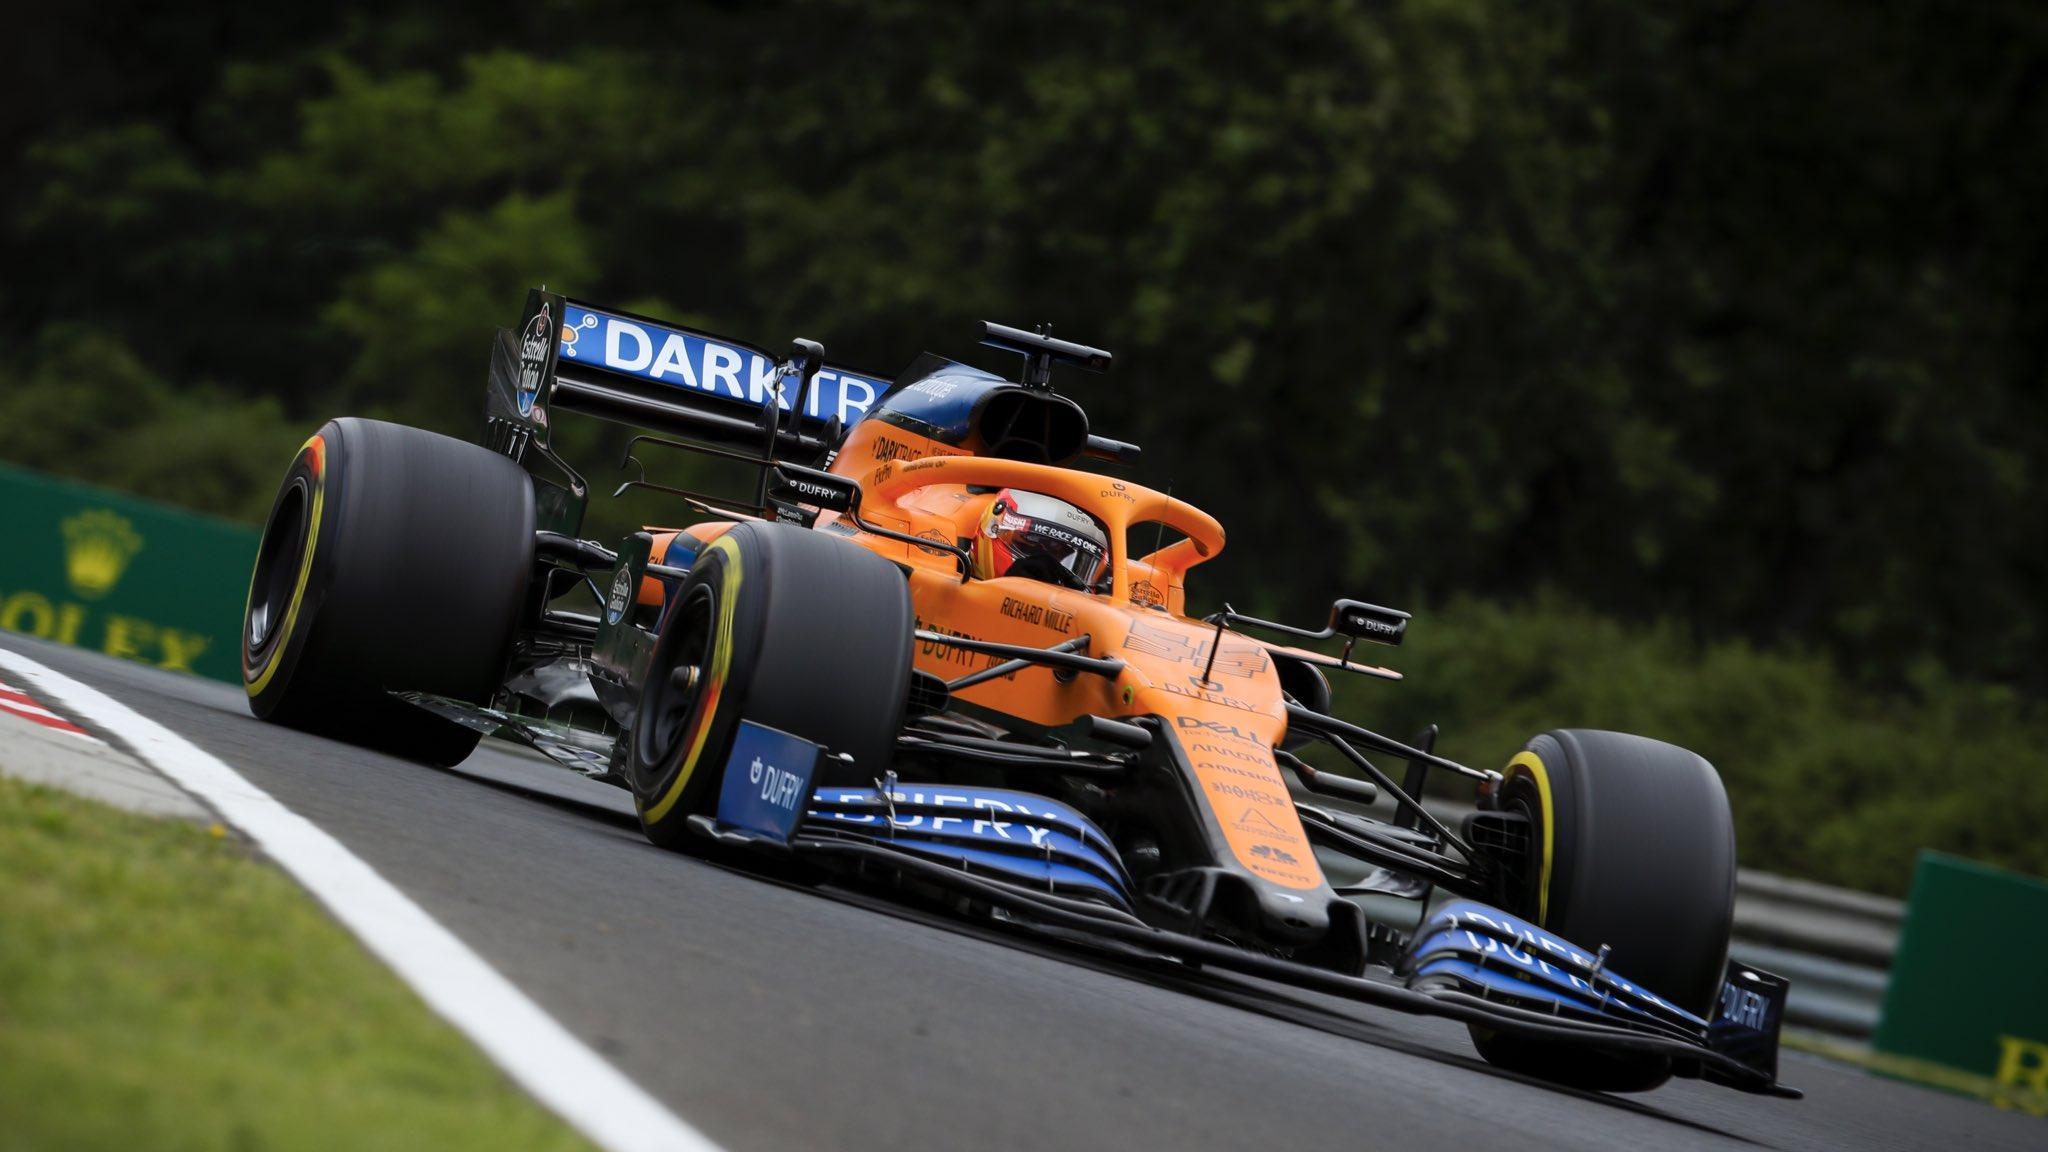 F1 - McLaren soutient la démarche de Renault dans l'affaire Racing Point